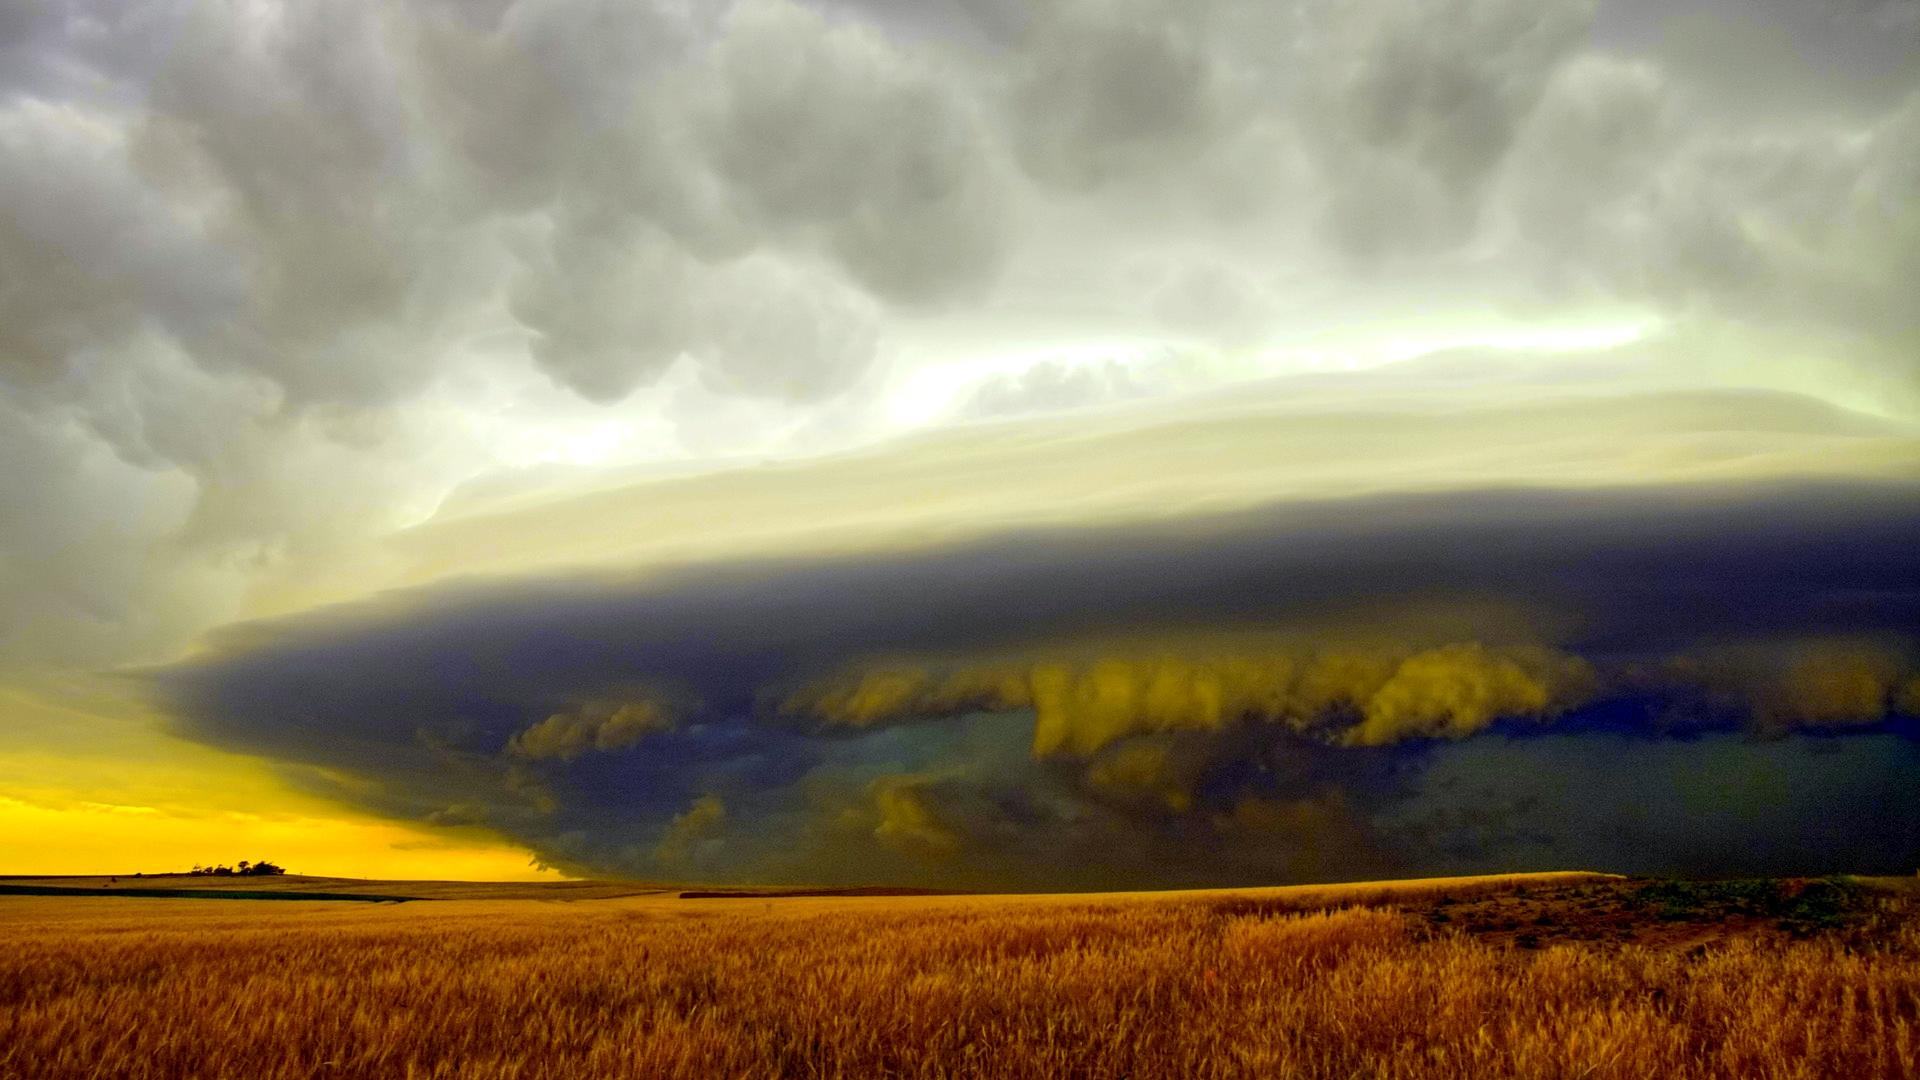 Wallpaper Storm Image 1920x1080